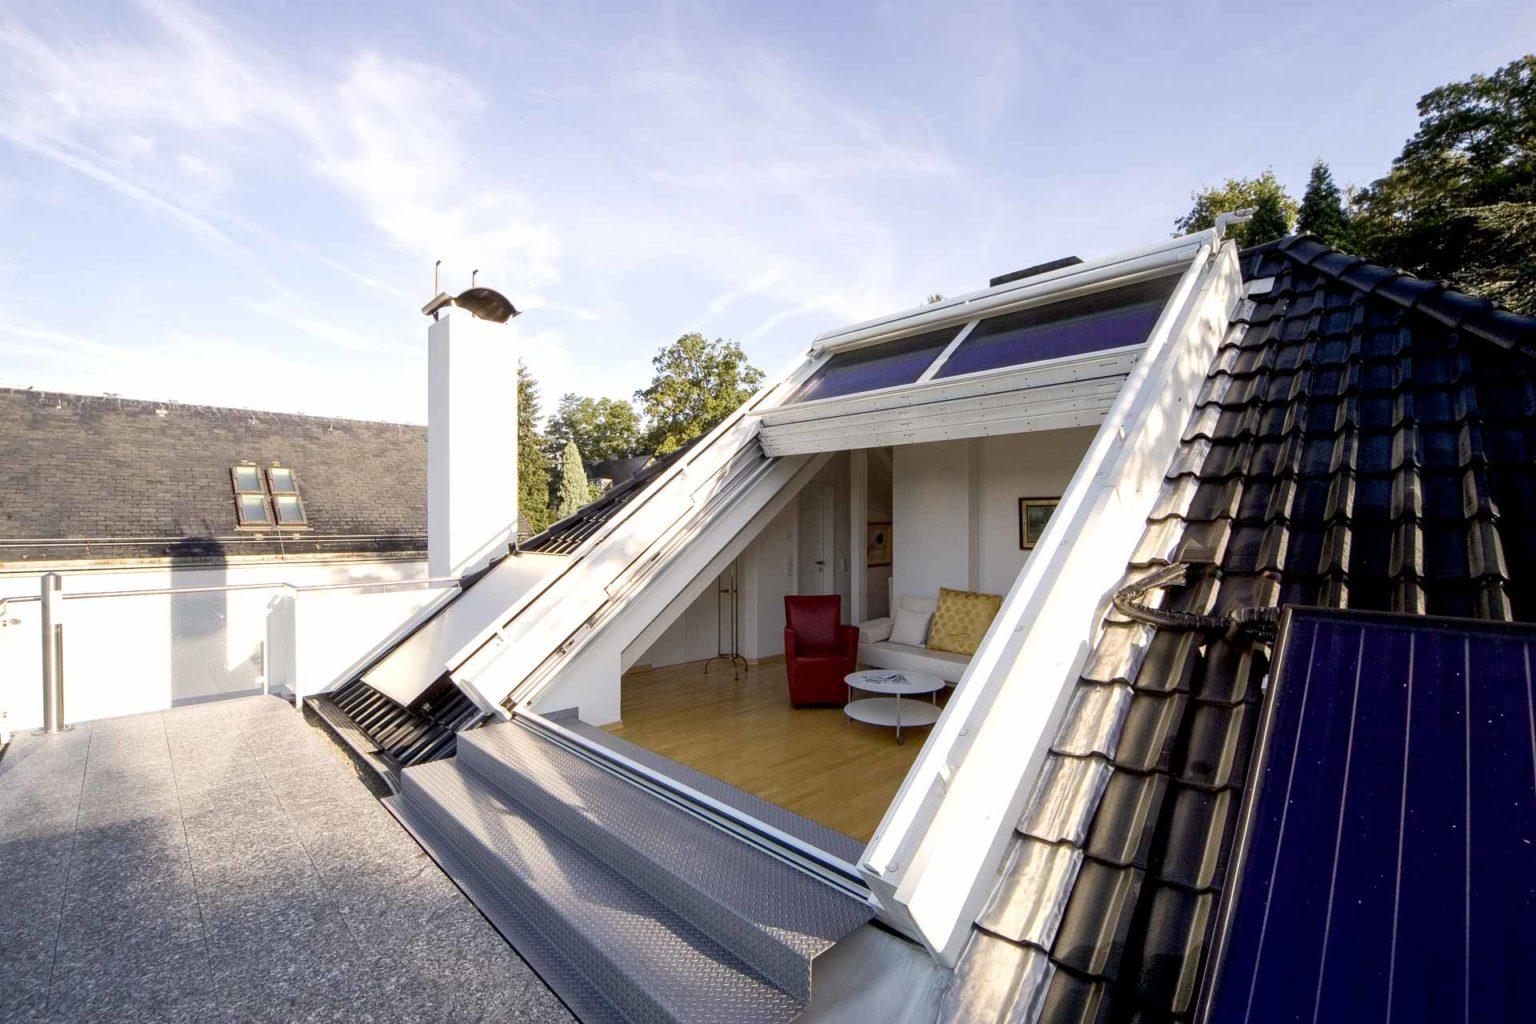 4 teiliges OpenAir-Dachschiebefenster in Saarbrücken (Objekt 94. 4-teiliges OpenAir-Dachschiebefenster stufenlos, elektrisch in beliebige Positionen verfahrbar